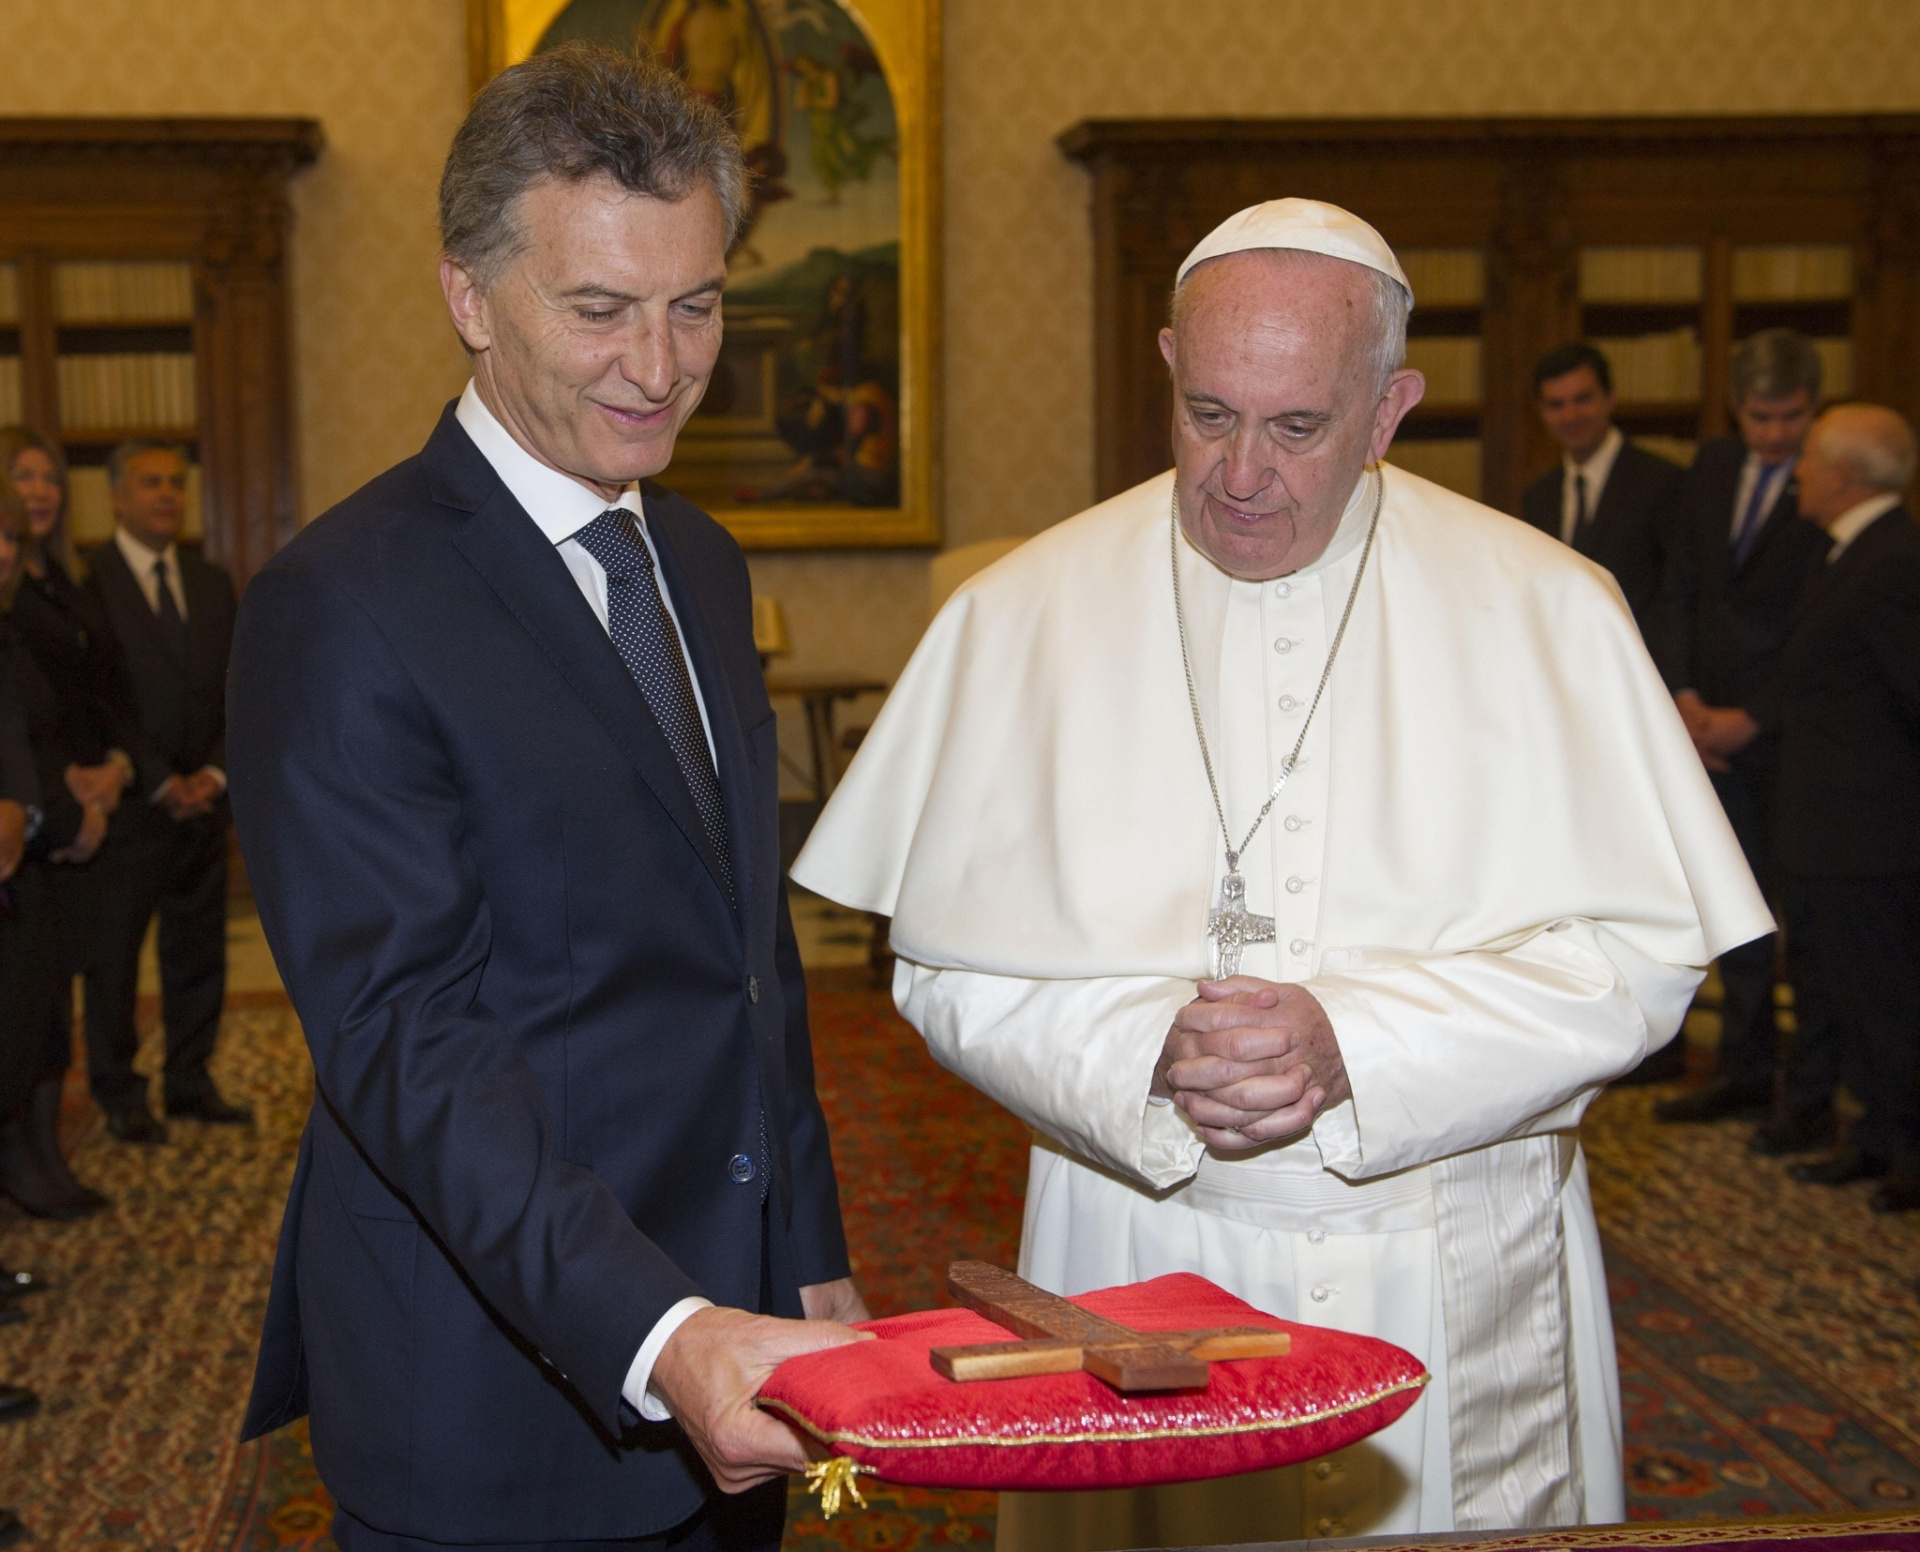 27.fev.2016 - Papa Francisco troca presentes com o seu conterrâneo, o presidente argentino, Mauricio Macri, durante audiência privada no Vaticano